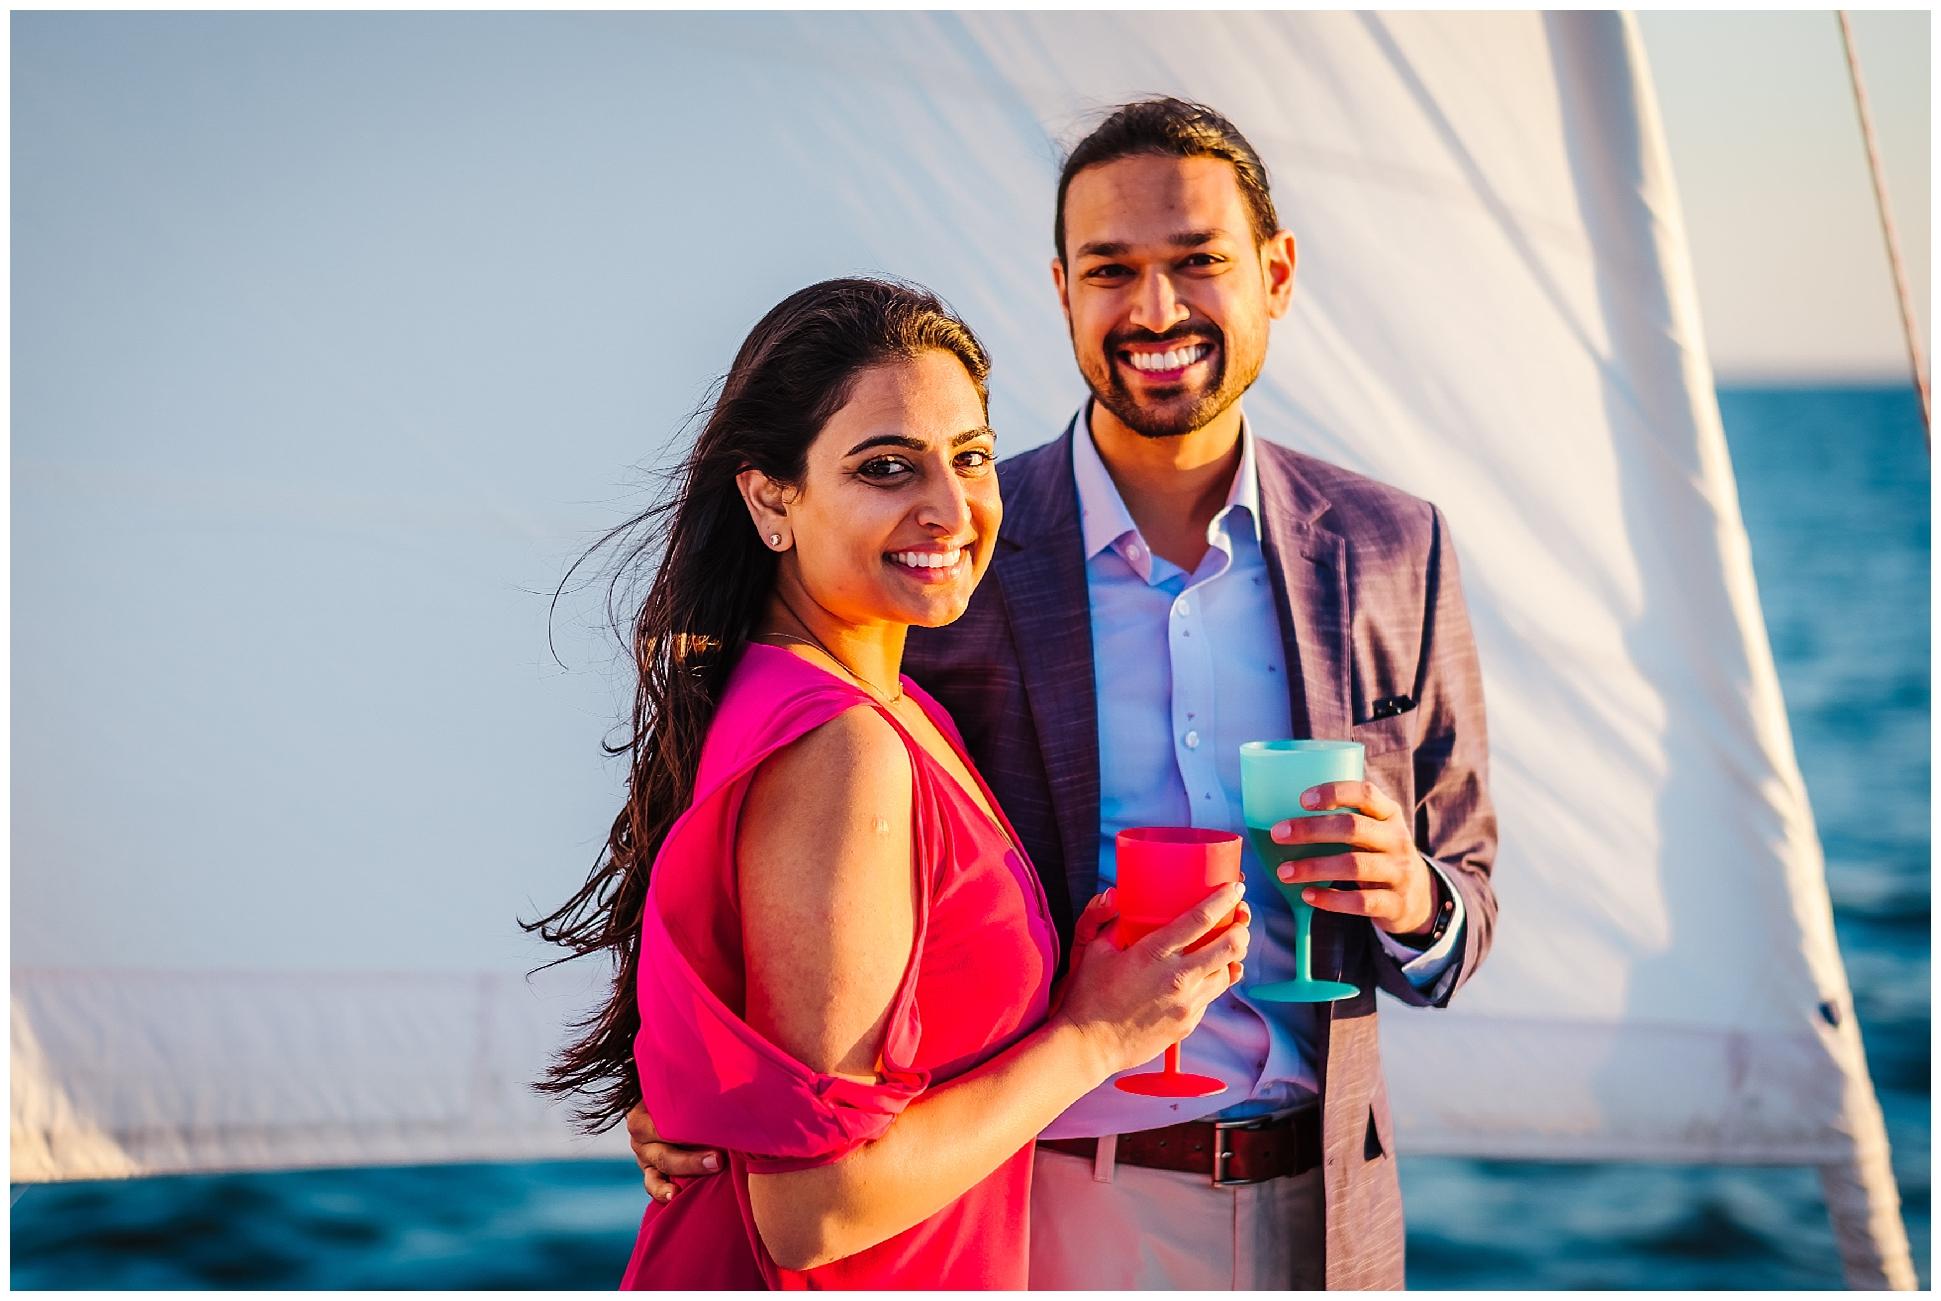 tampa bay-sailboat-sunset-proposal-engagememnt_0011.jpg